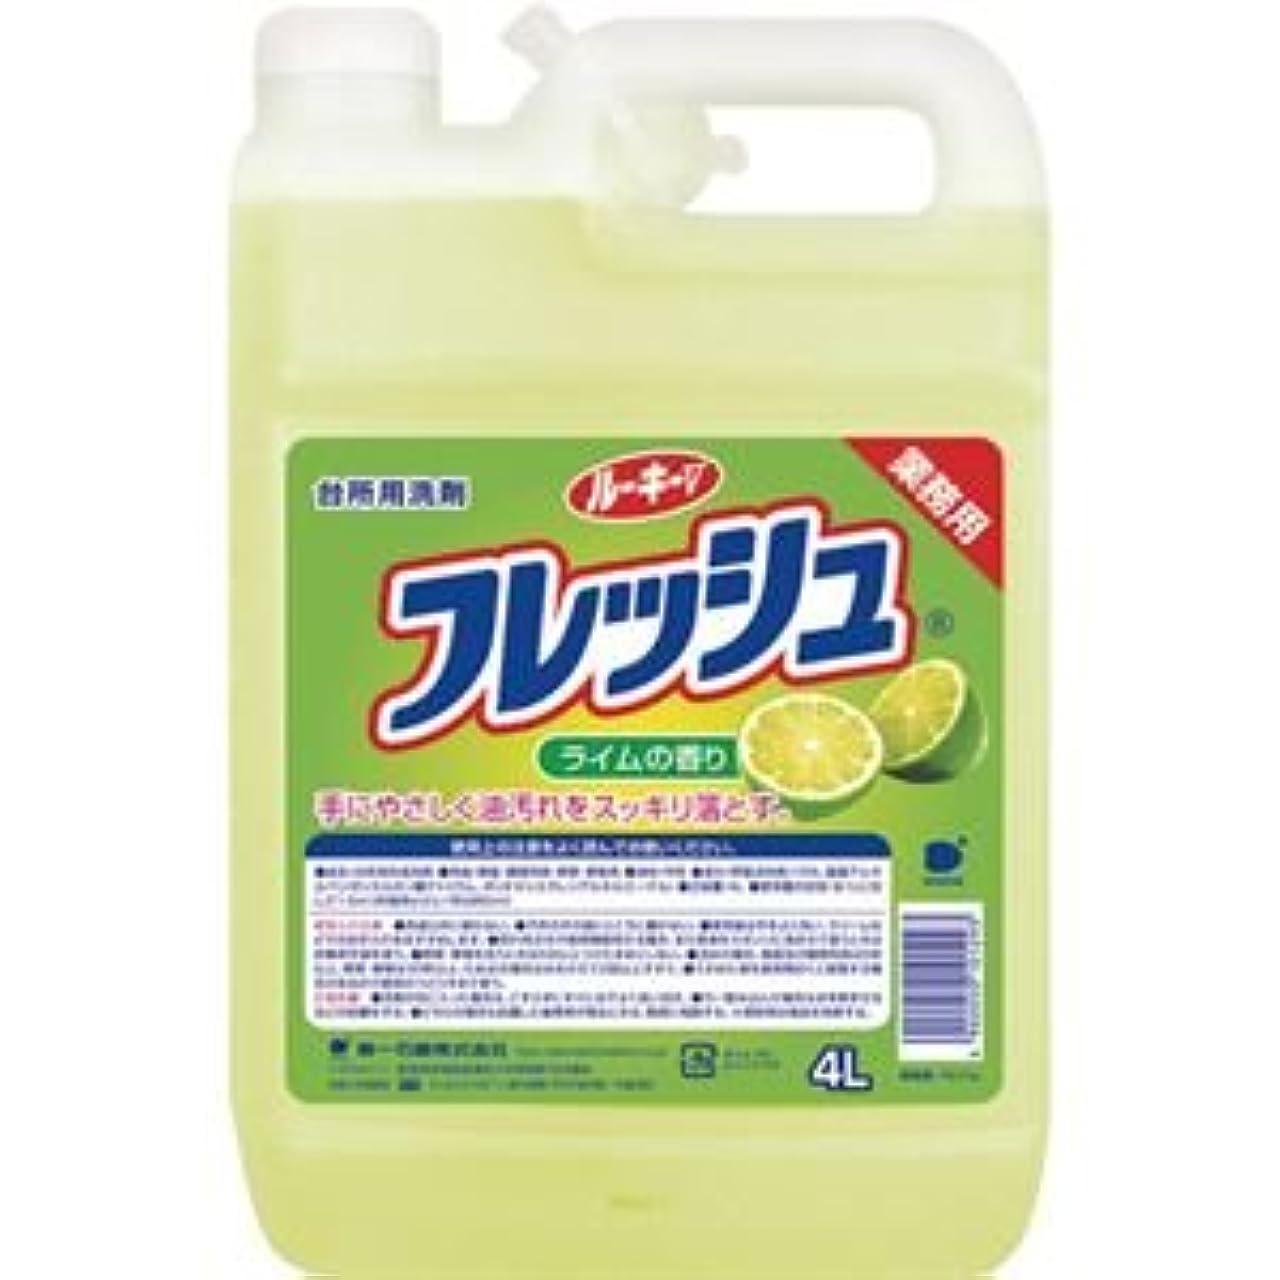 インペリアル臨検疑い(まとめ) 第一石鹸 ルーキーVフレッシュ 業務用 4L 1本 【×5セット】